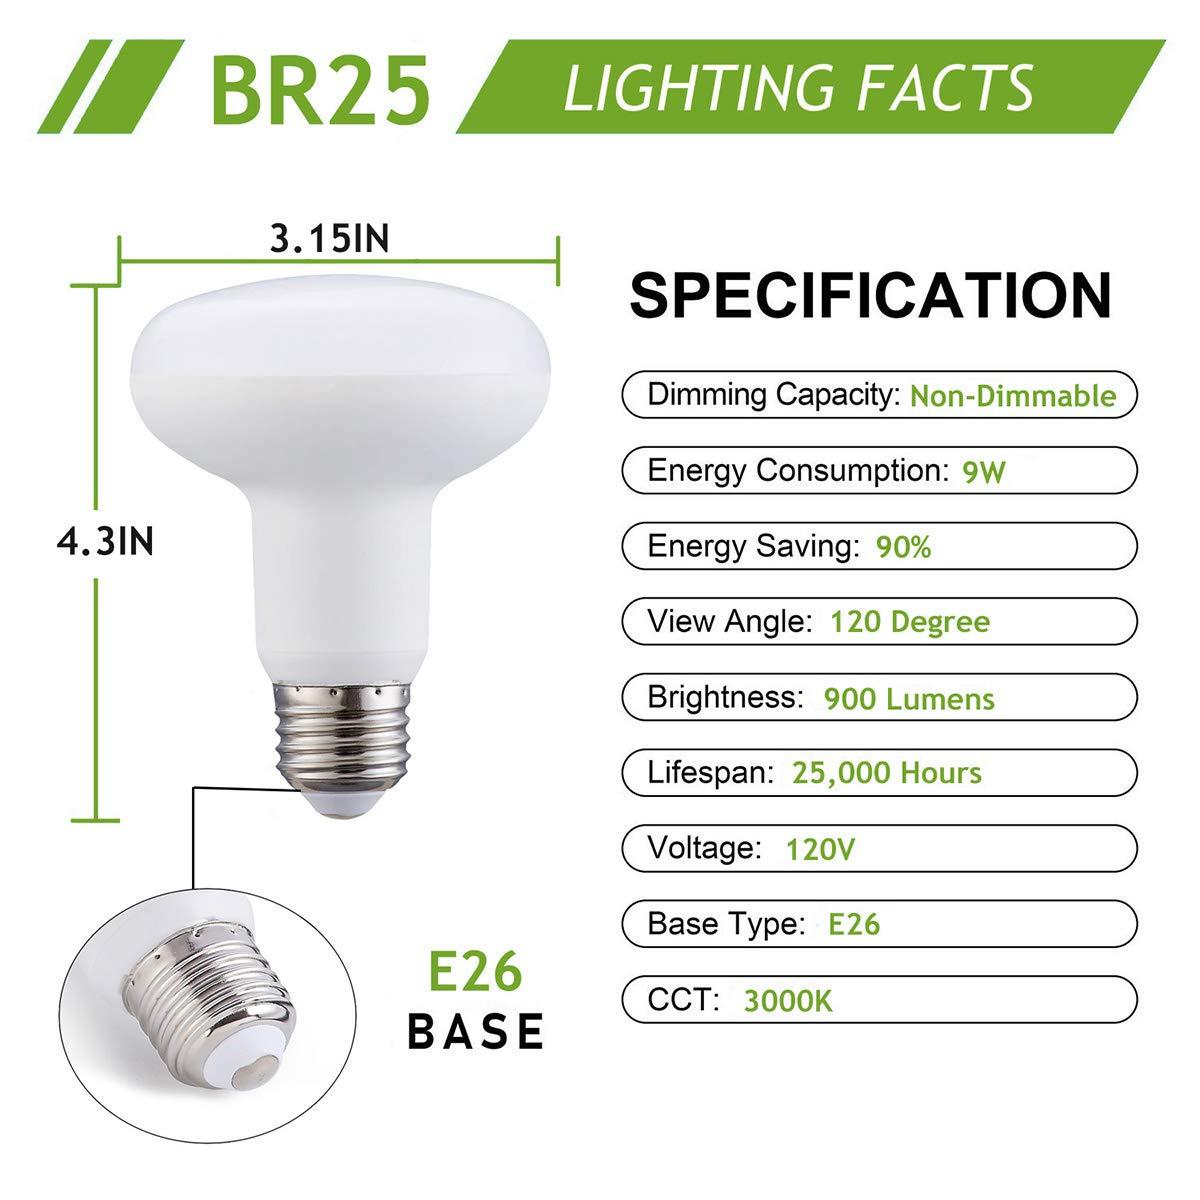 BR25 LED Flood Light Bulb Not Dimmable 5000K Daylight LED Bulbs 6 Pack 100 Watt Halogen Bulb Equivalent R25 LED Lamp 9W ,E26 Medium Base,120 Volt,900 Lumen Frosted White LED Recessed Lighting Bulb